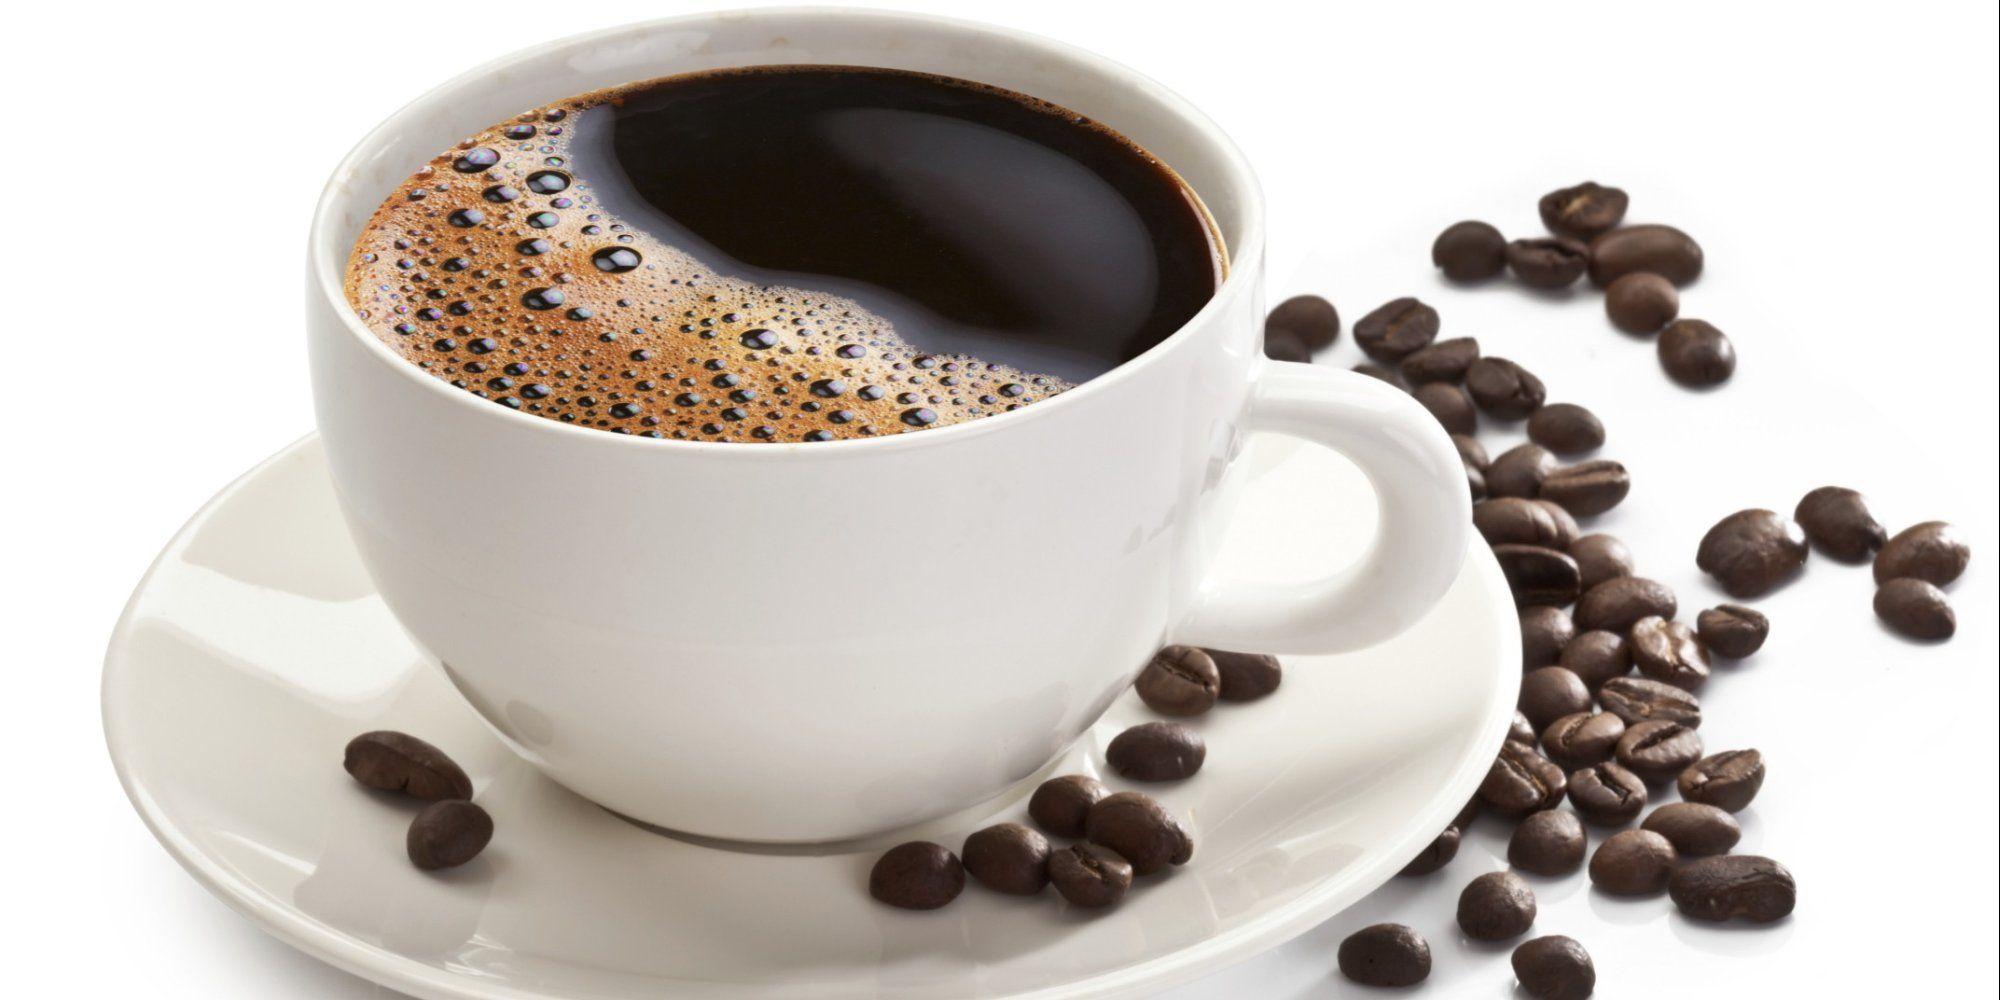 Con o sin cafeína, el café puede salvar tu vida: Estudio